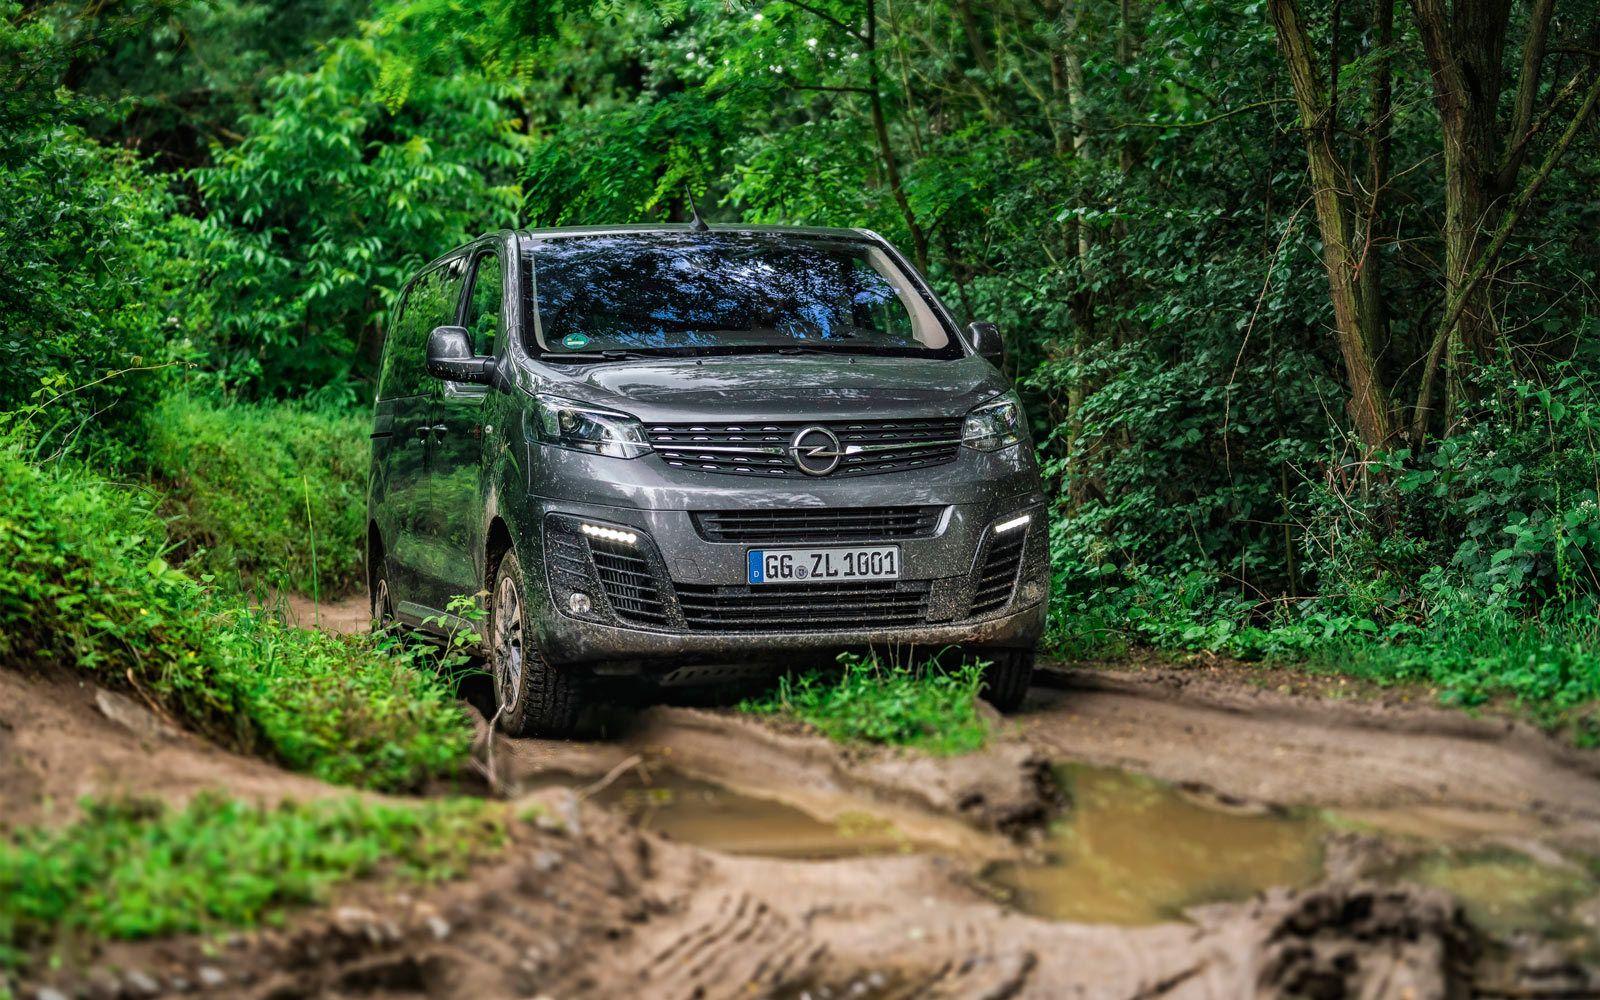 Opel Zafira Life 4x4, błoto, leśna droga